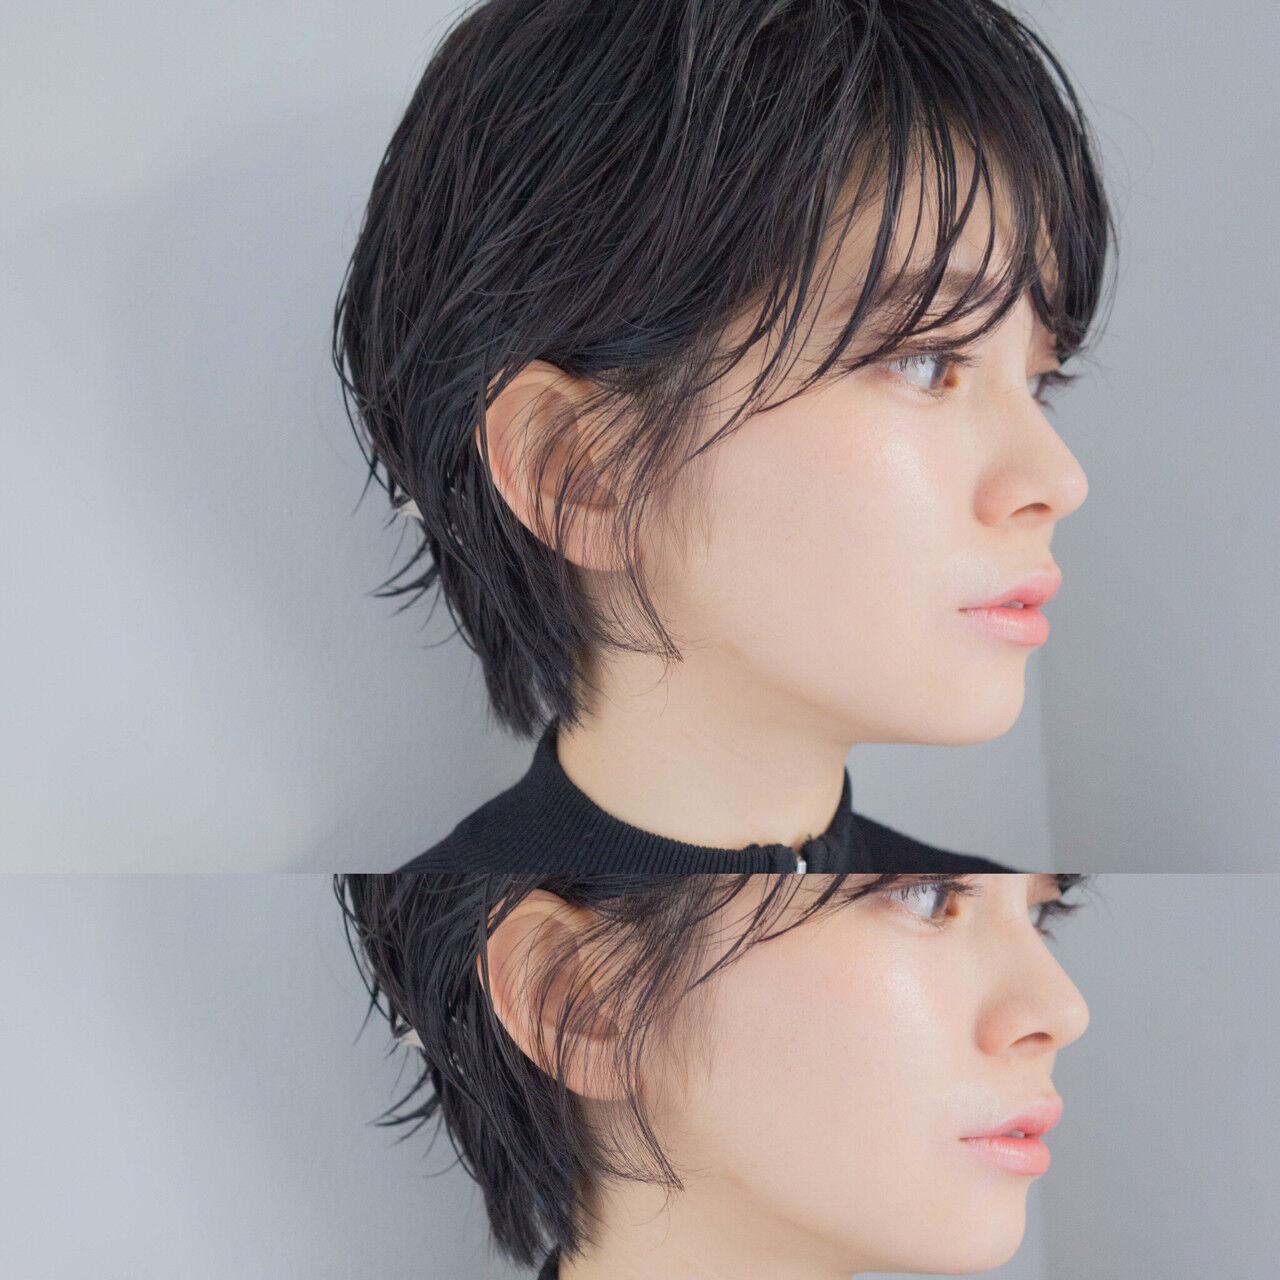 色気 センターパート ウルフカット 黒髪ヘアスタイルや髪型の写真・画像